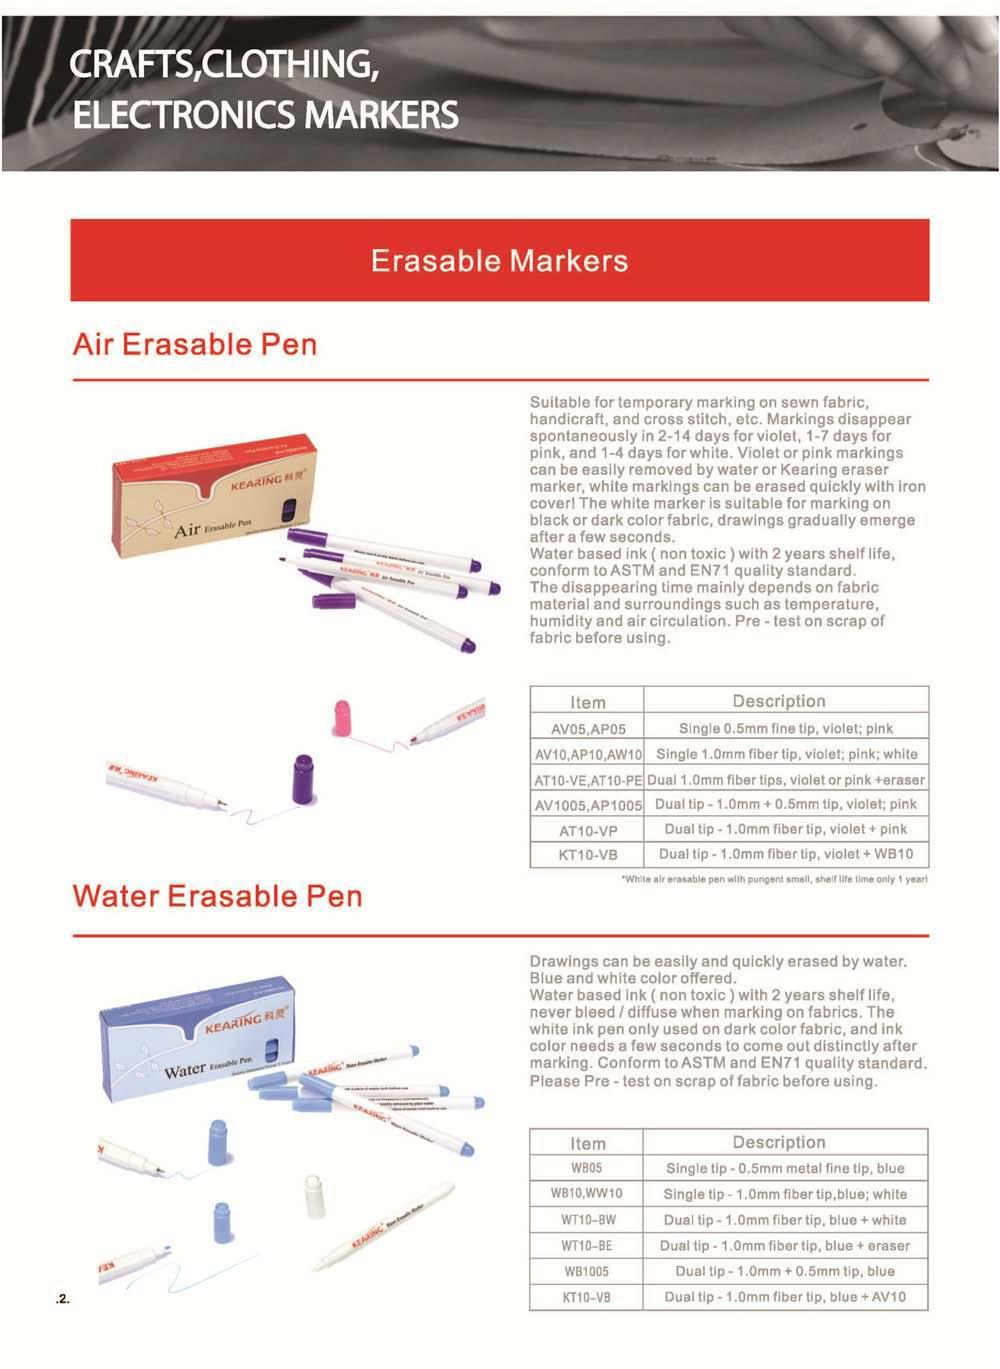 Kearing नई अद्यतन जल Erasable पेंसिल कपड़े अंकन के लिए नीले और सफेद रंग के साथ # WP10